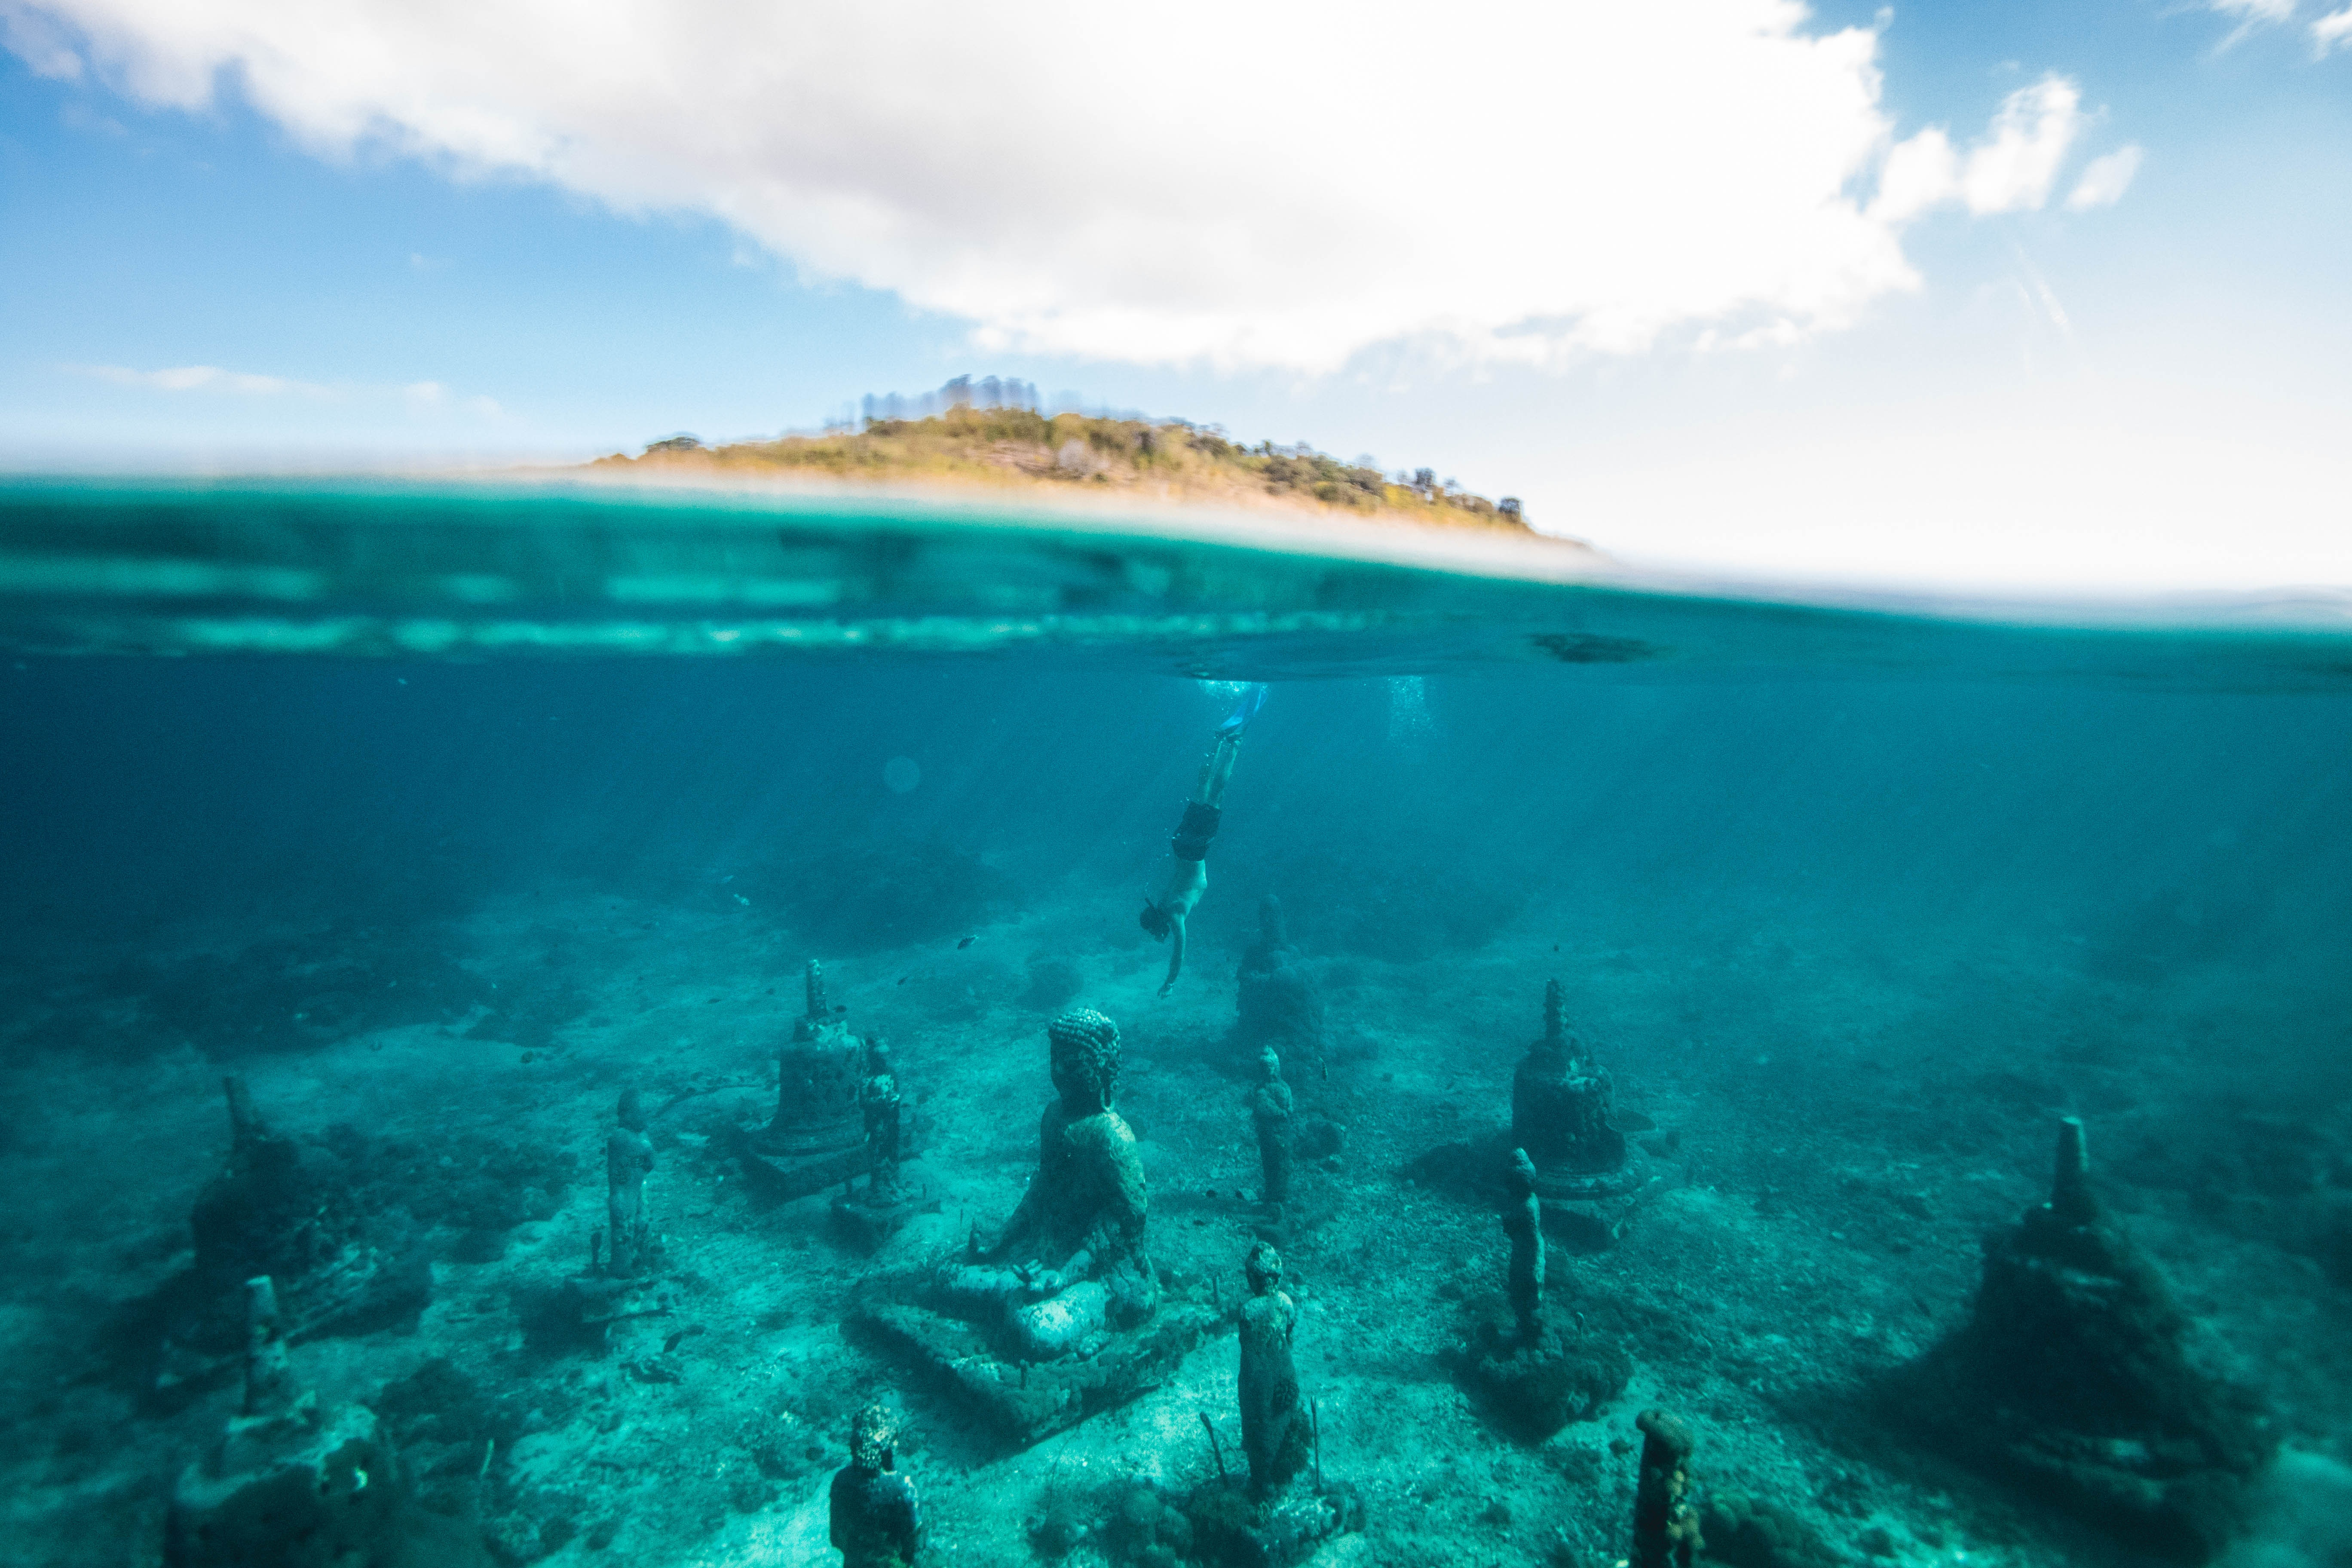 Lembongan island, Indonesia, una delle isole del pacifico minacciate dal turismo di massa